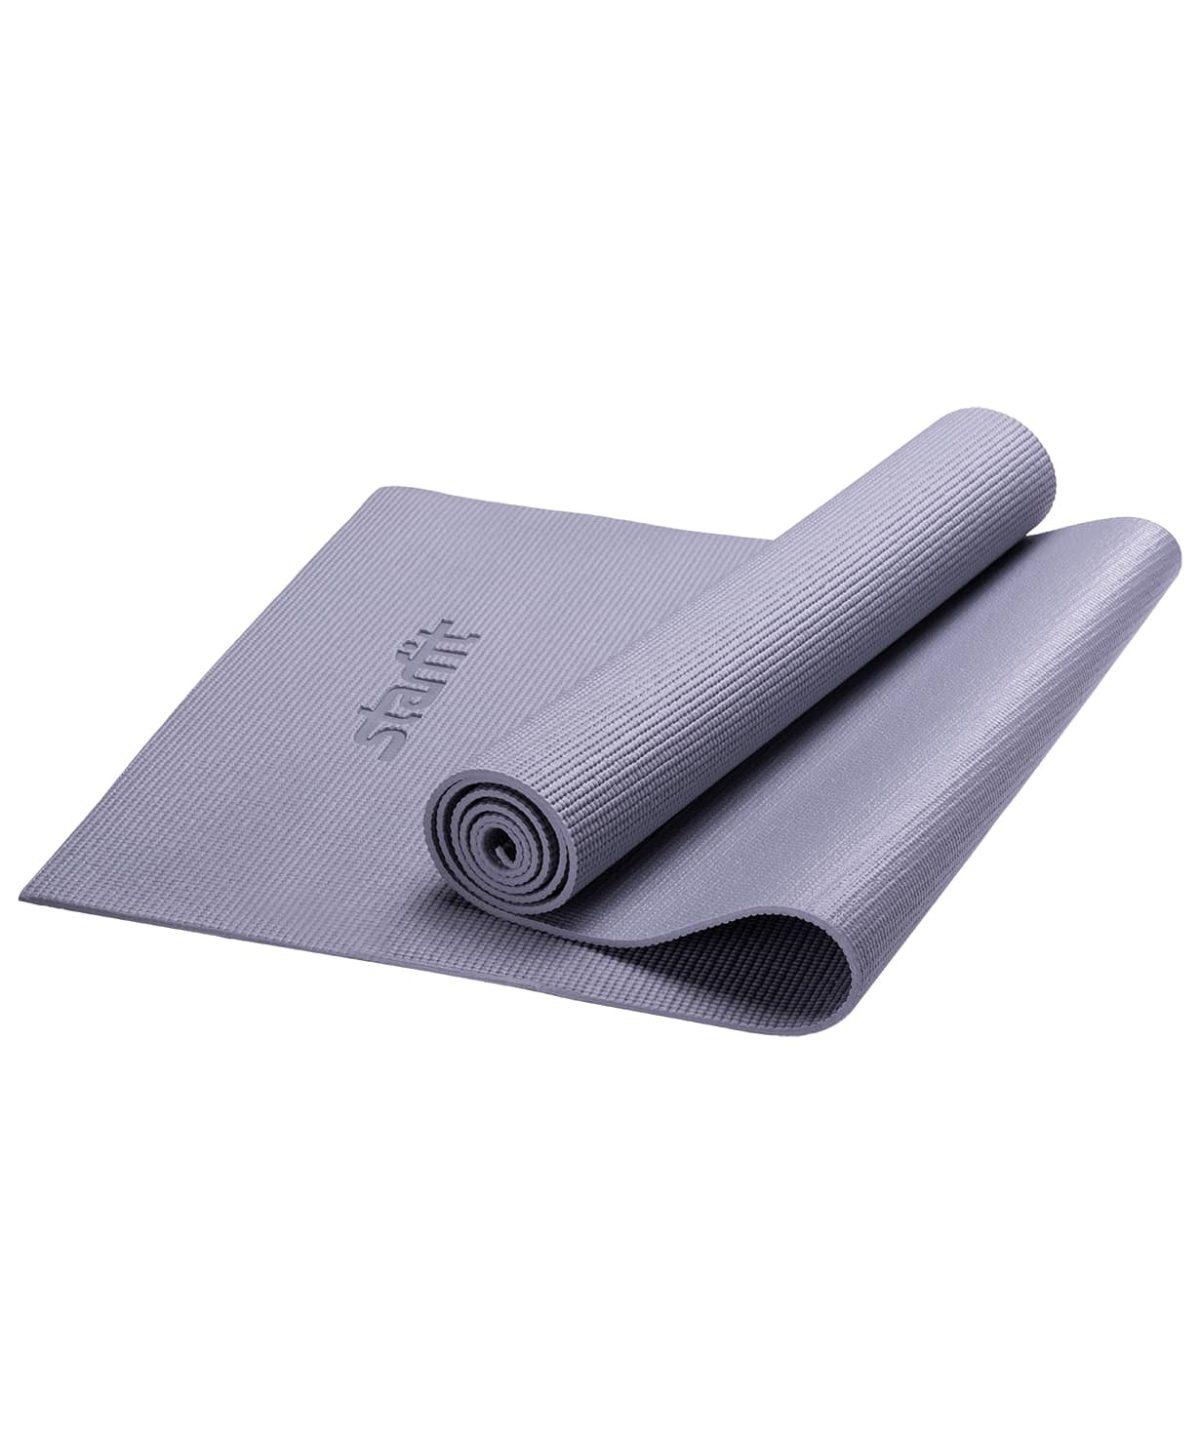 STARFIT Коврик для йоги FM-101 173x61x0,5см: серый - 1